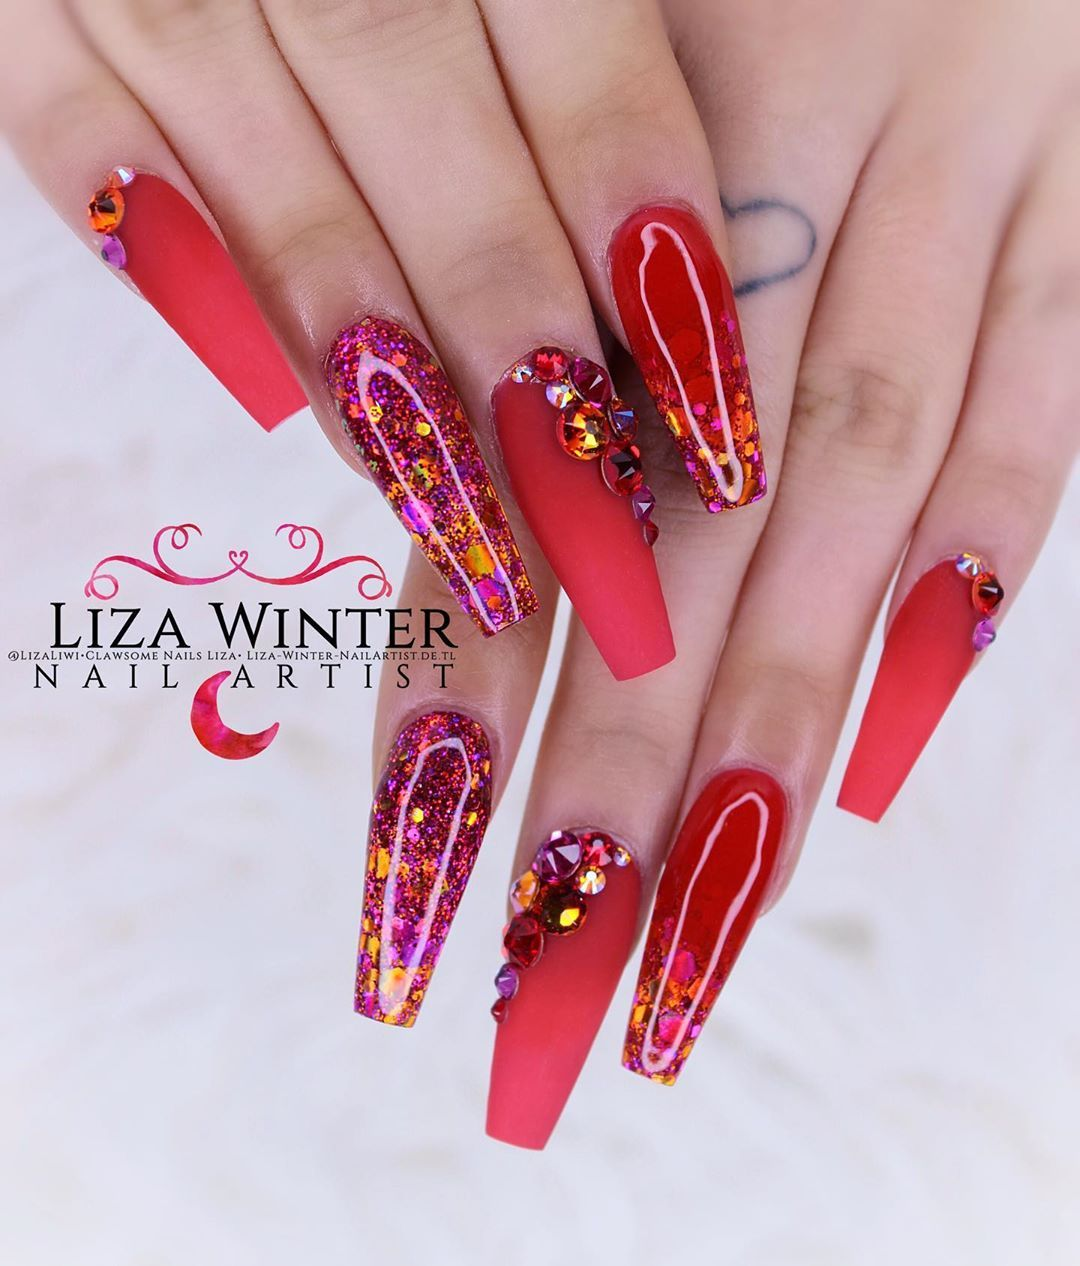 #nails #nailart #nailtech #nailporn #nailswag #instagood #swarovski